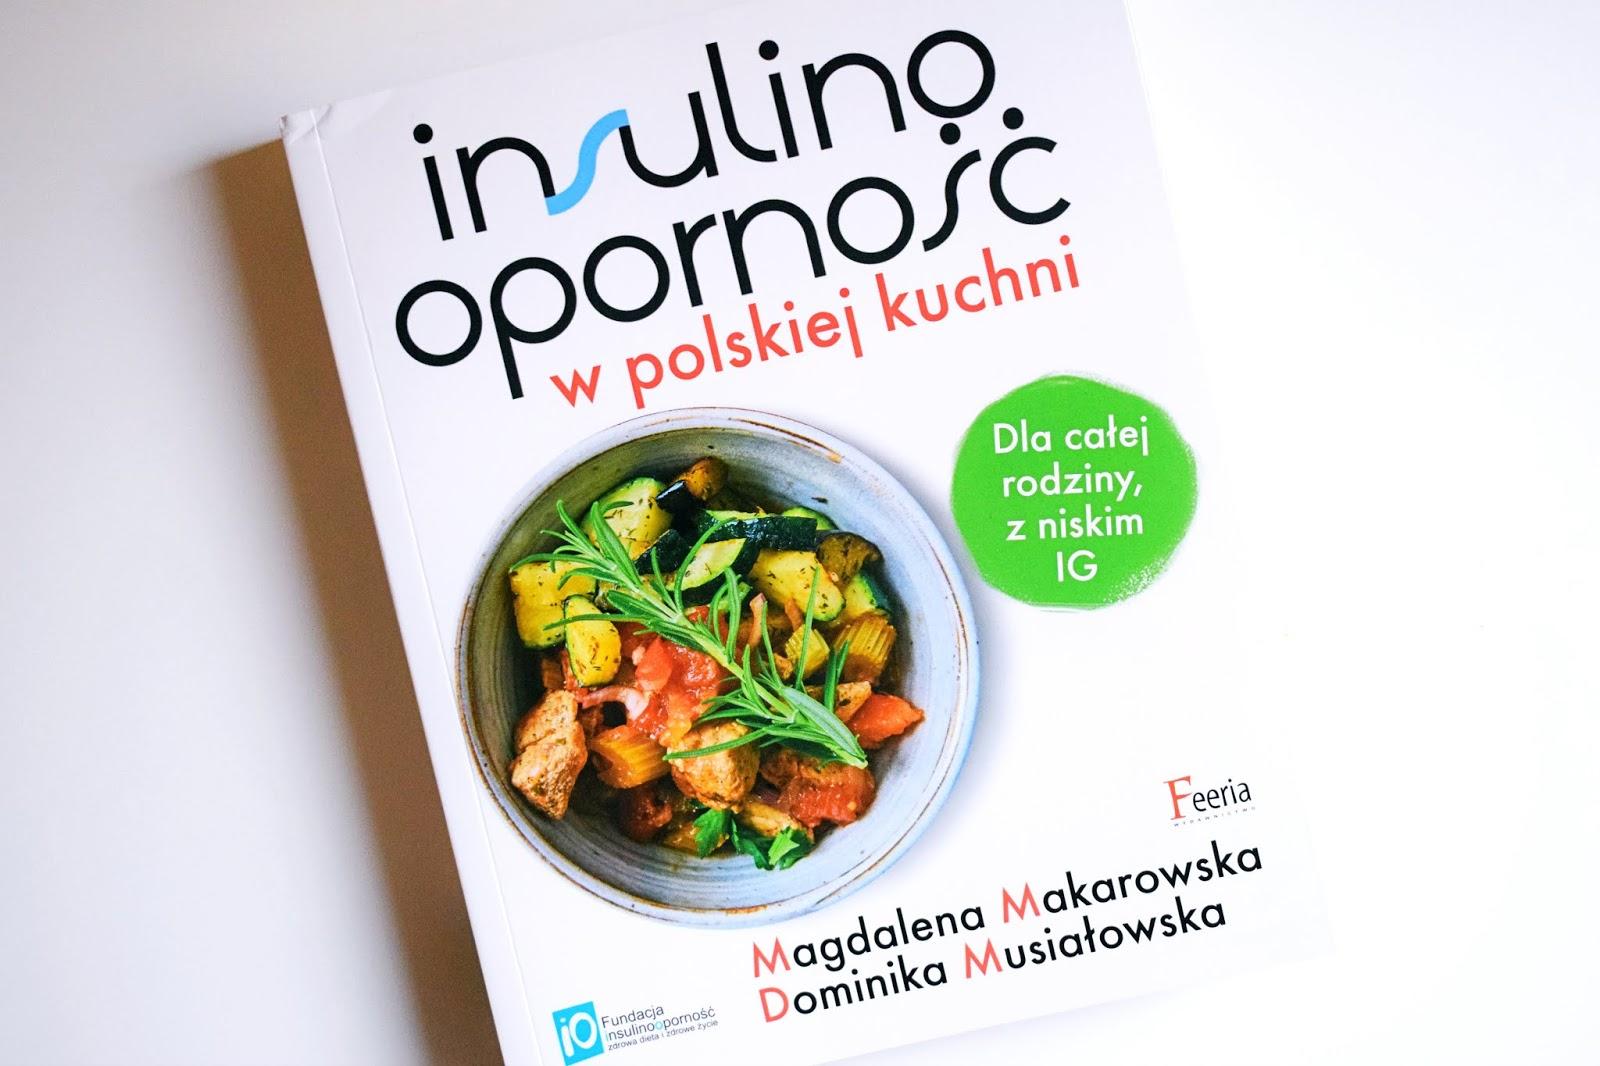 Zdrowie Na Języku Recenzja Insulinooporność W Polskiej Kuchni